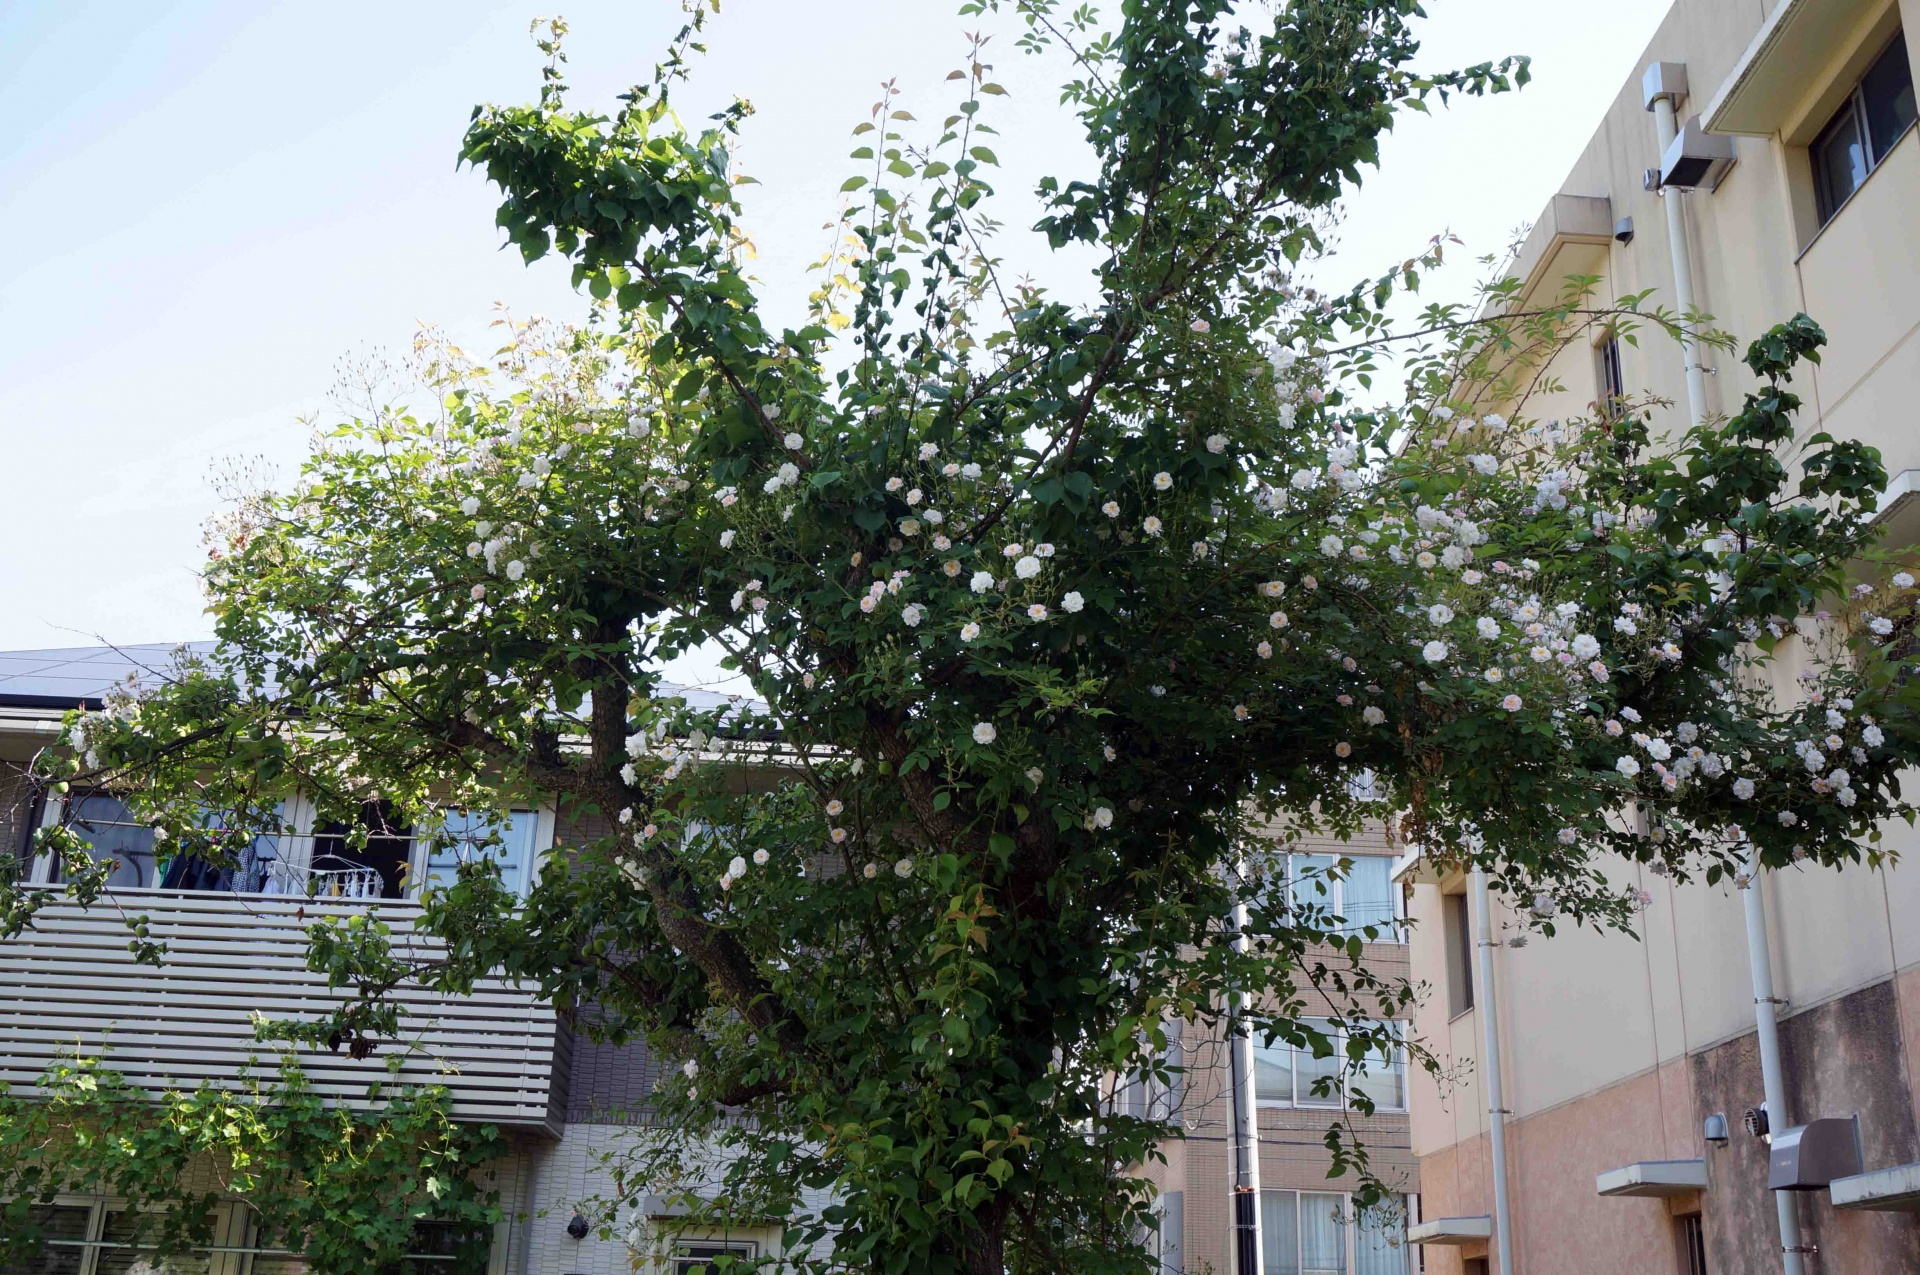 ウメの木に絡ませた R.  ウメの木に絡ませた R. ポールズ・ヒマラヤン・ムスク・ランブラー,2016年5月29日